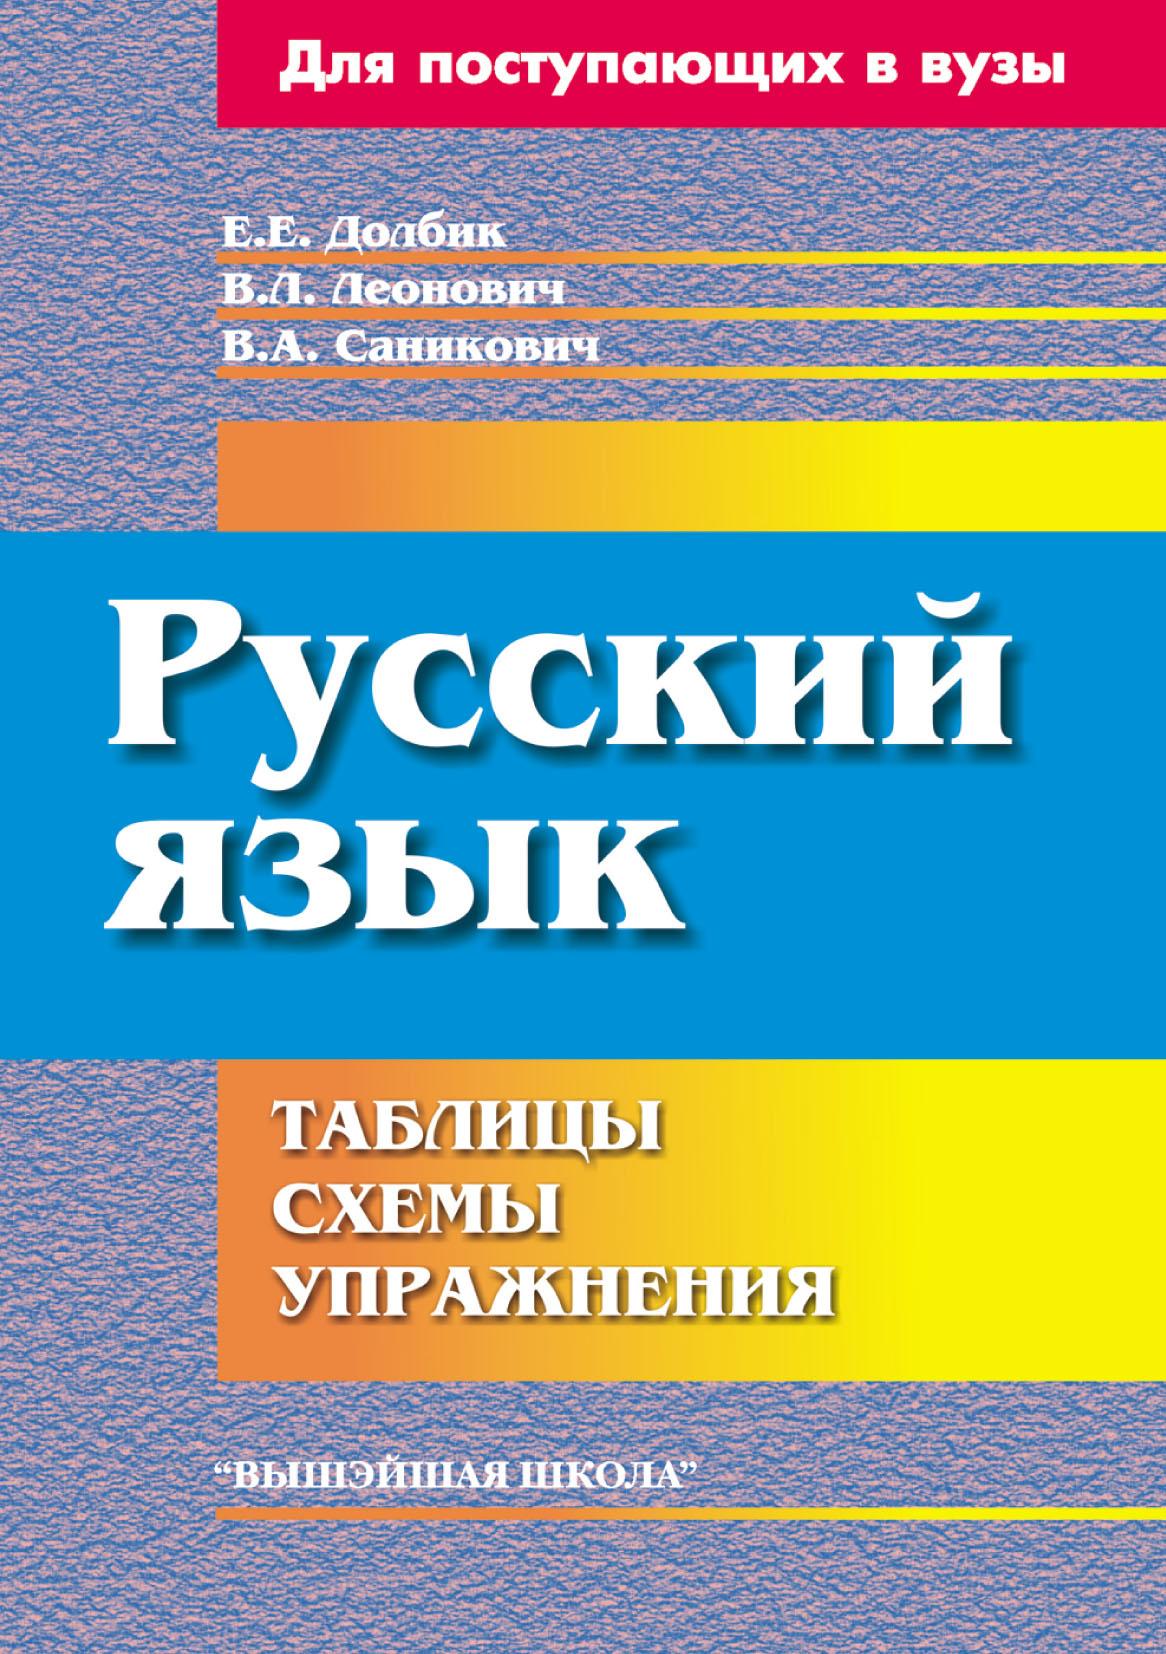 Е. Е. Долбик Русский язык. Таблицы, схемы, упражнения. Для поступающих в вузы